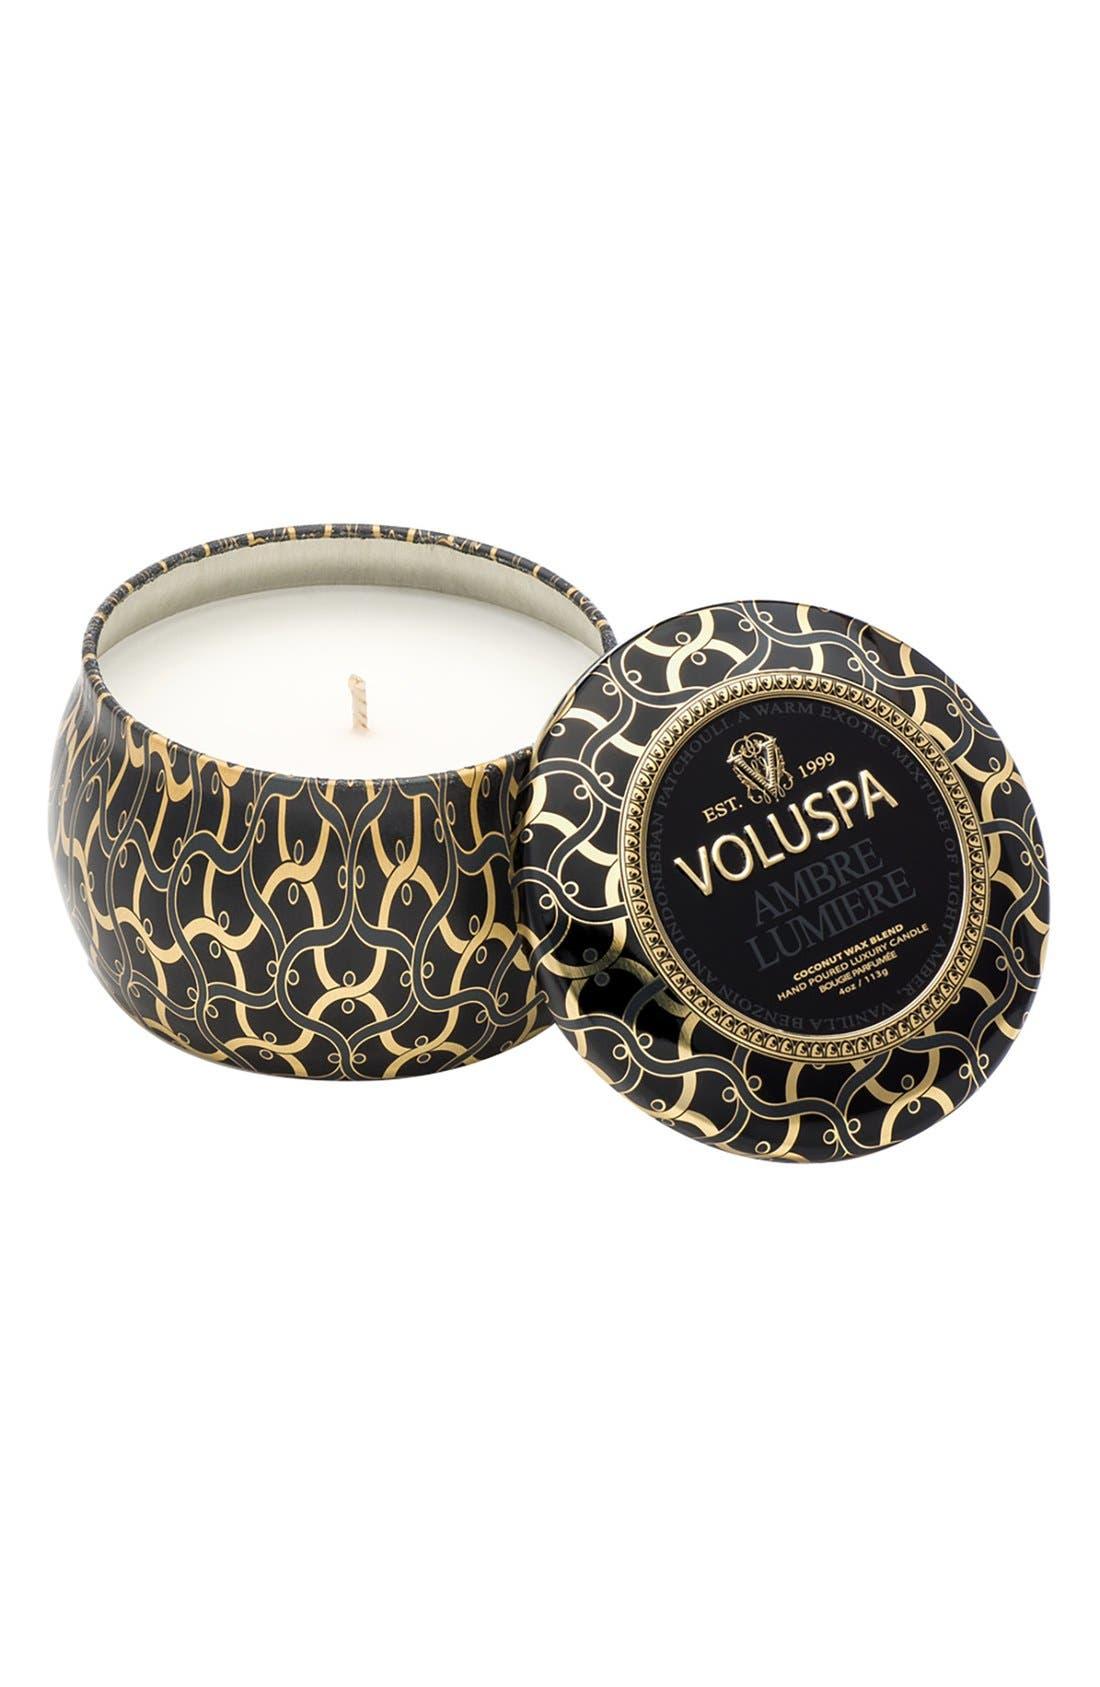 Voluspa Maison Noir Petite Decorative Tin Candle